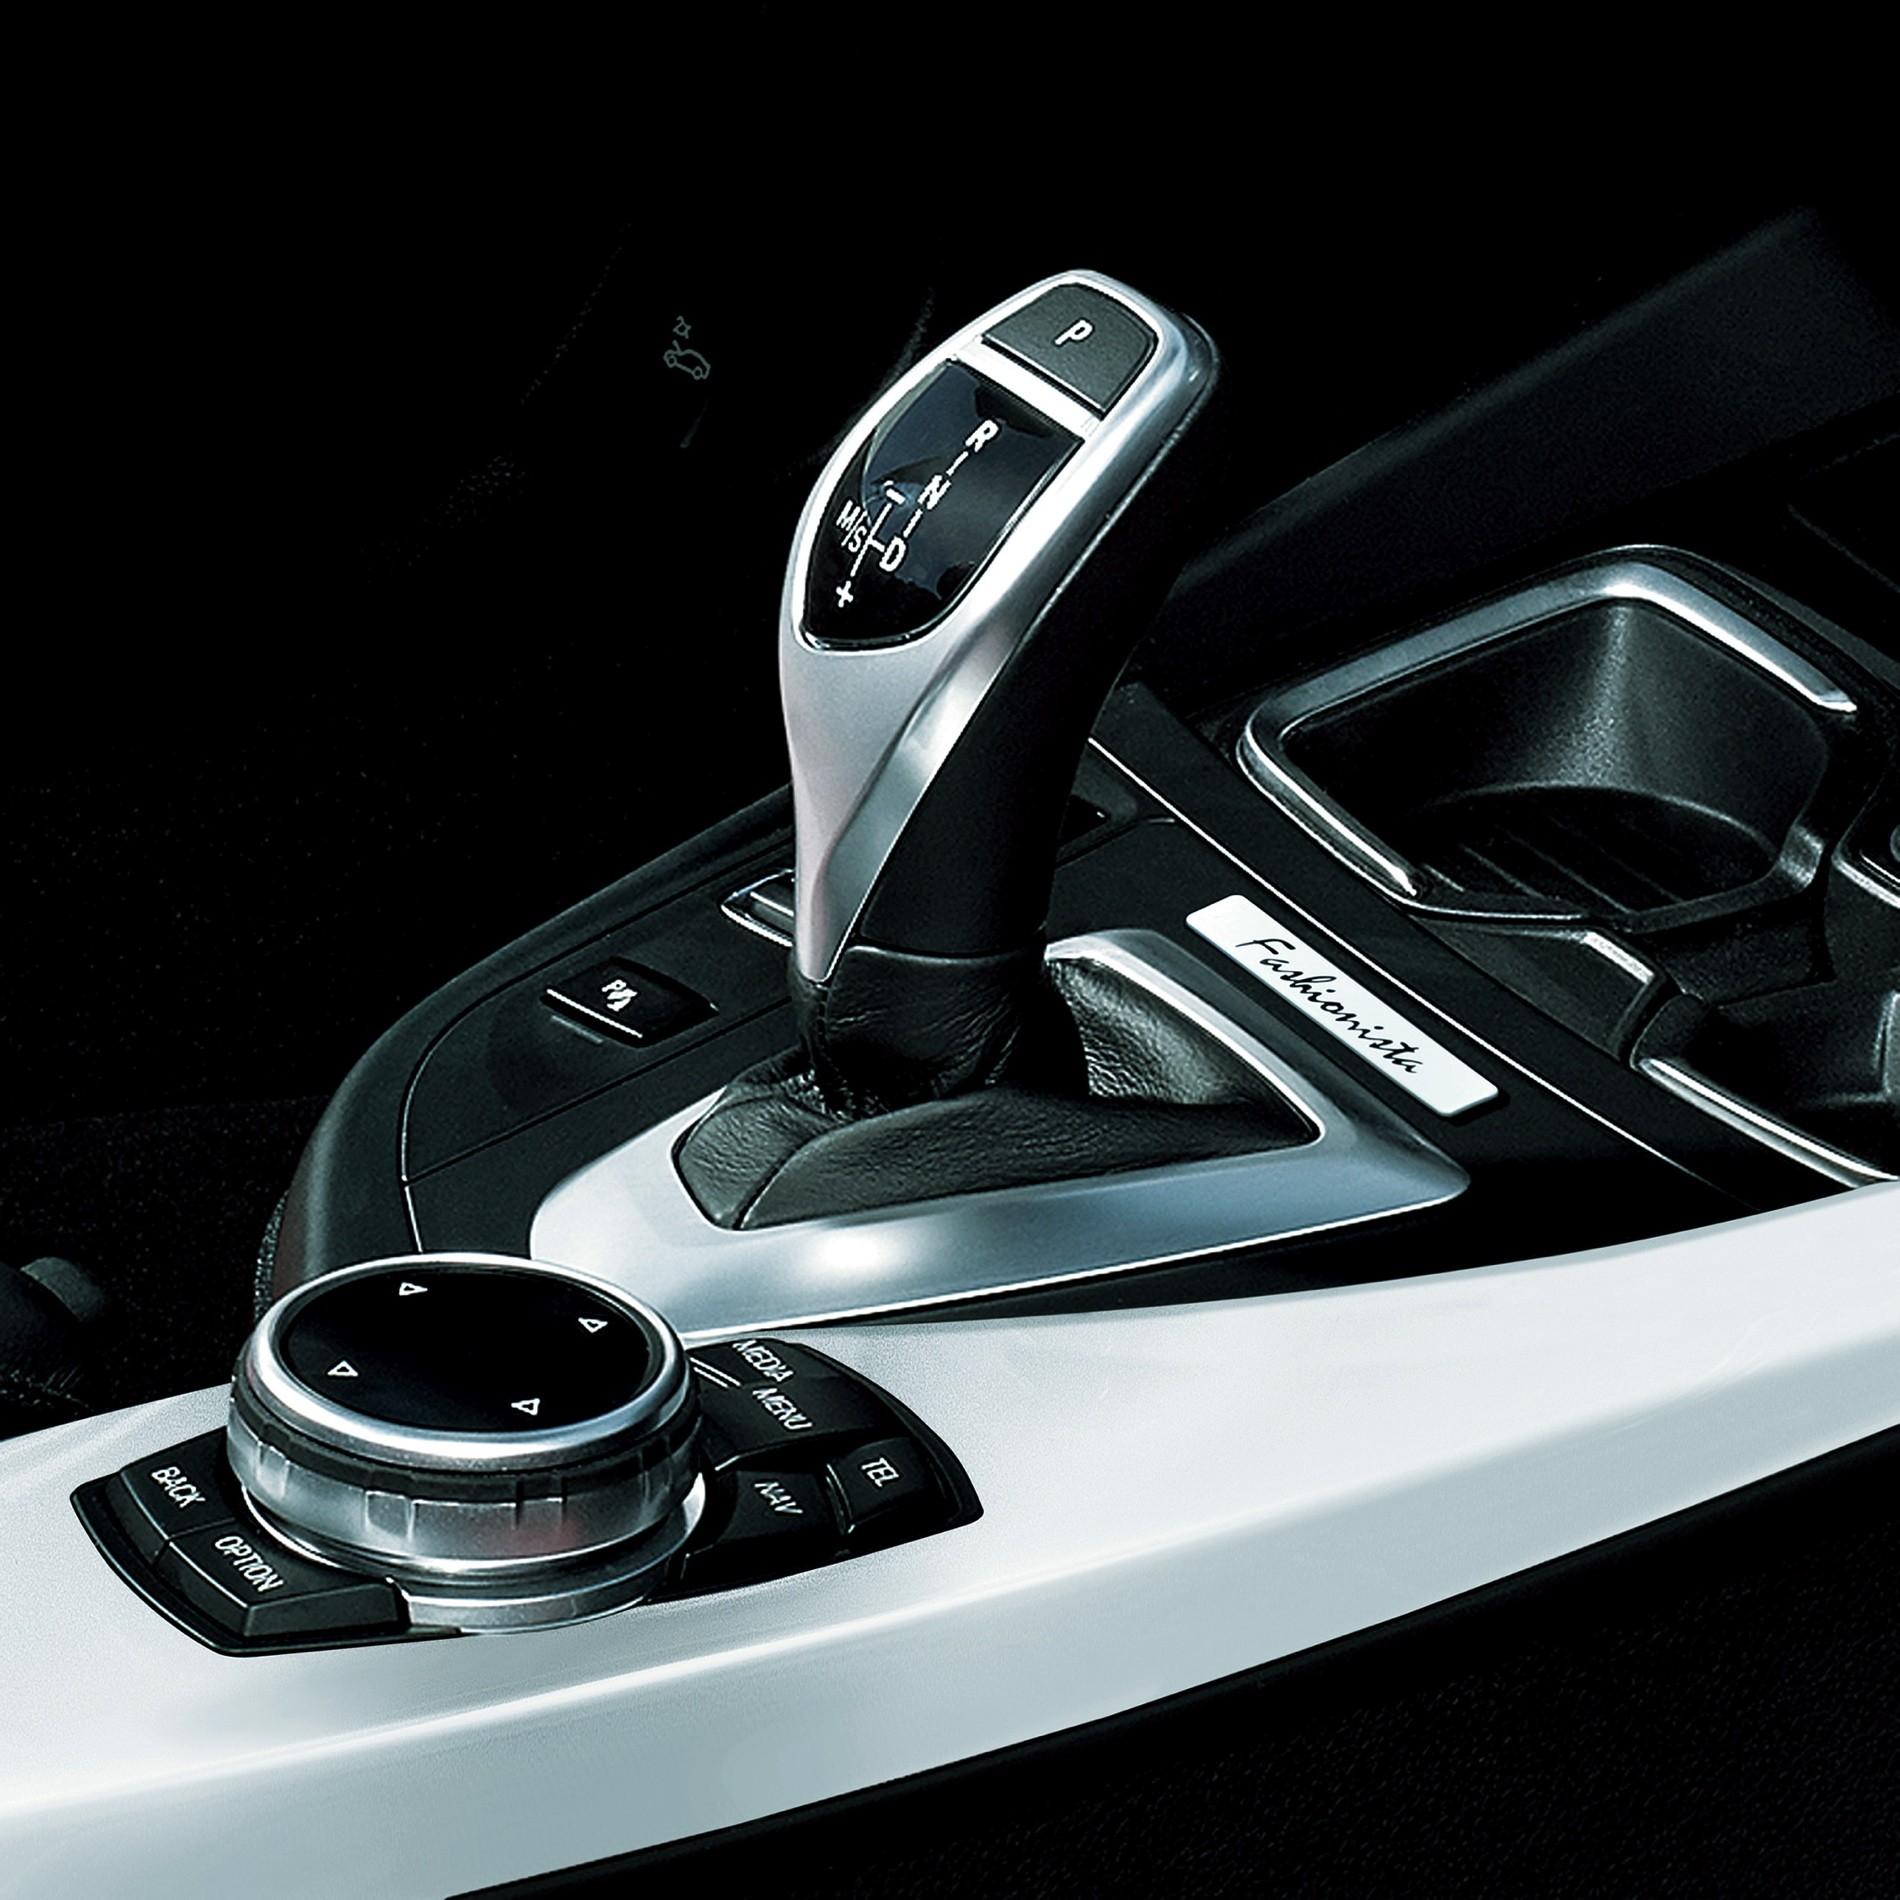 Bmw Z4 Sdrive20i M Sport: Only For Japan: BMW 118i Fashionista Introduced